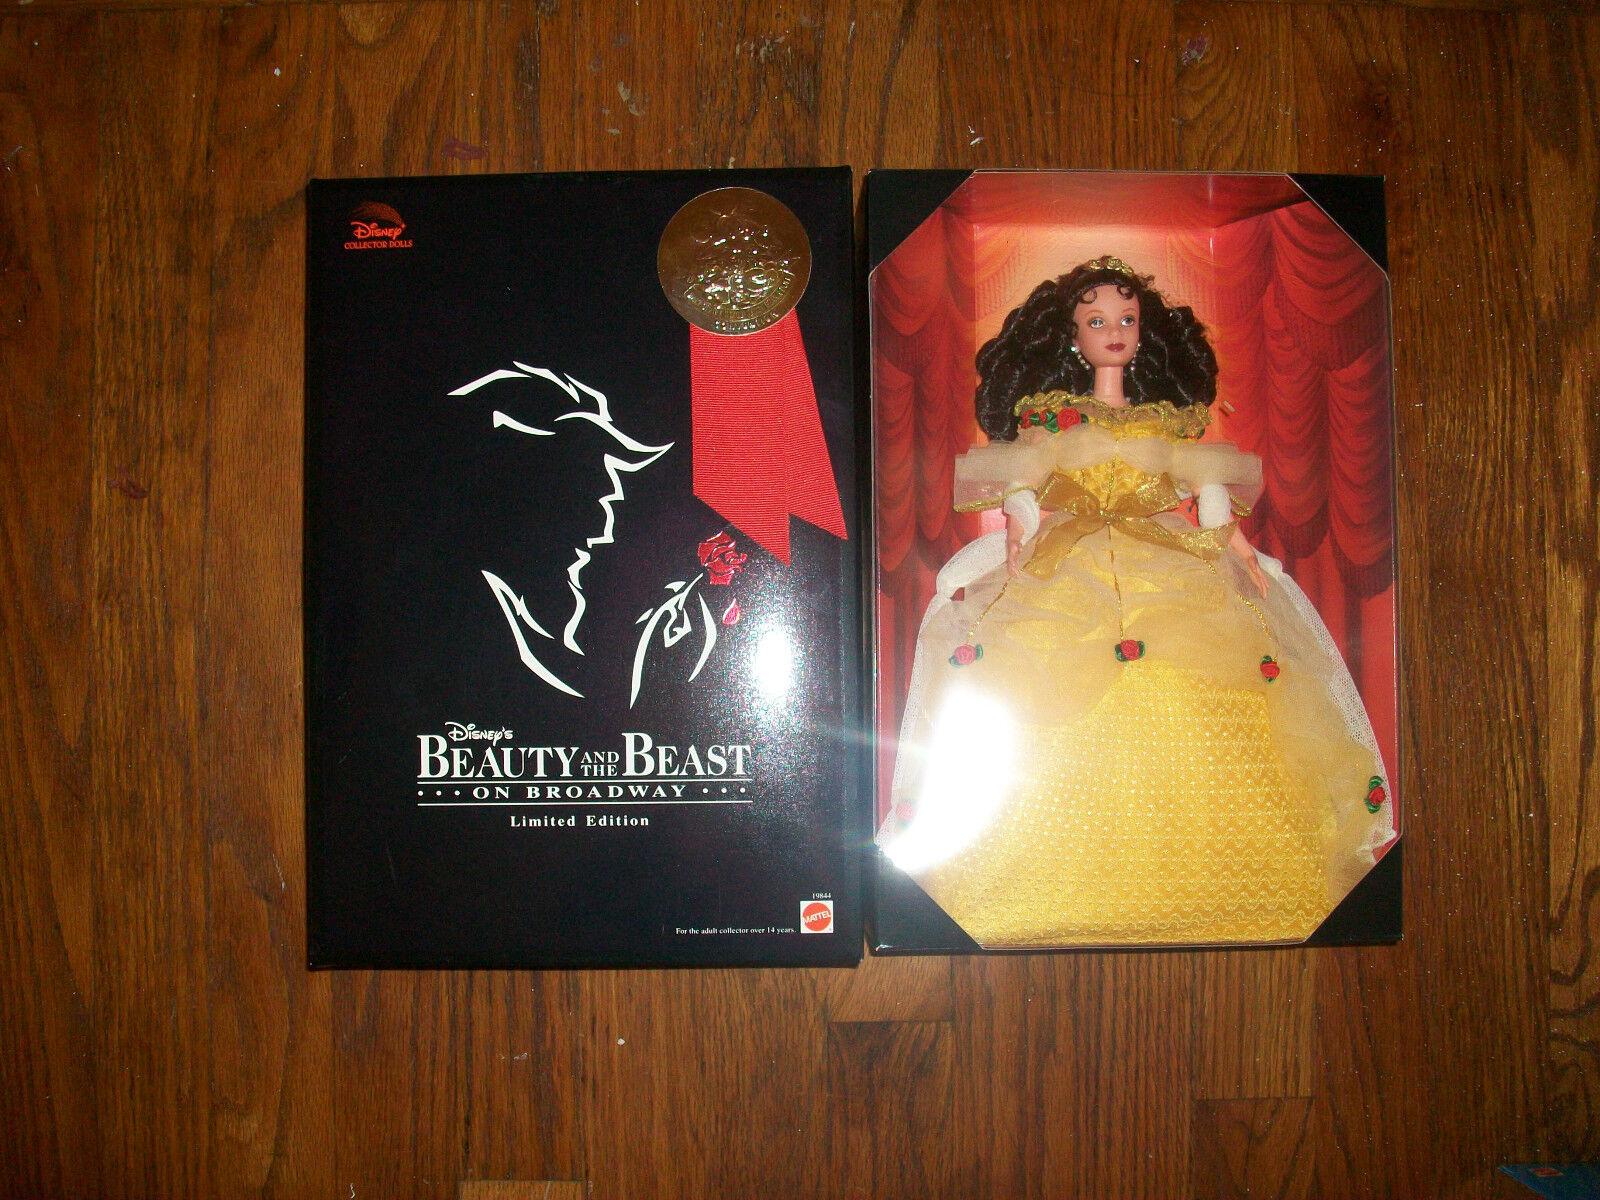 Belle en Broadway convención muñeca edición limitada 1998 con el sello